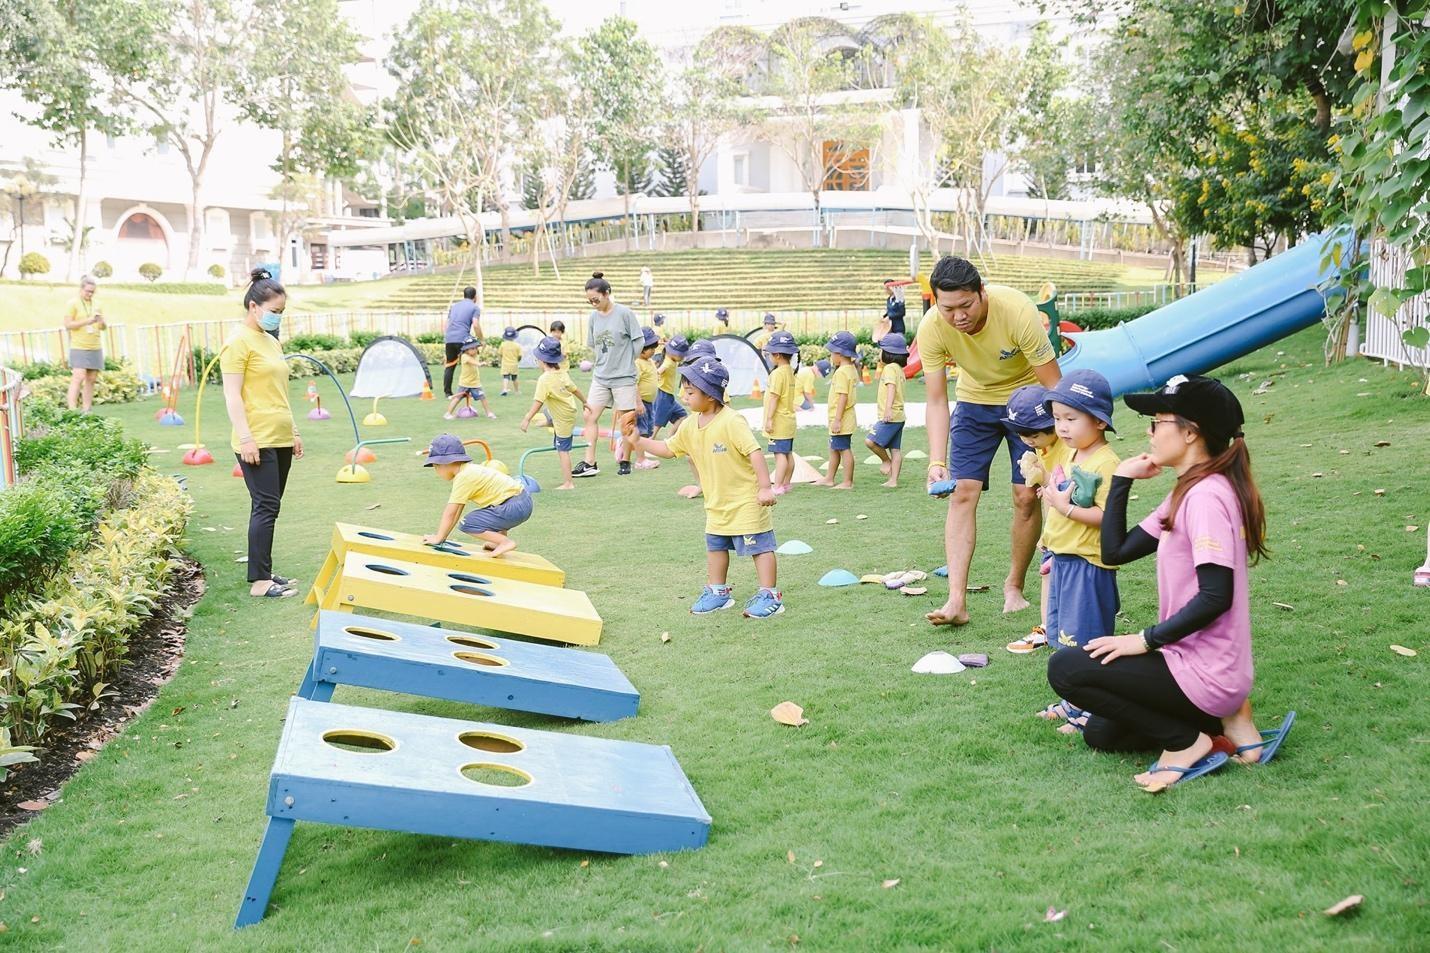 Học sinh dự bị tiểu học tại AISVN tham gia các trò chơi vận động và trò chơi nước trong Ngày hội Thể thao vào tháng 3/2021.